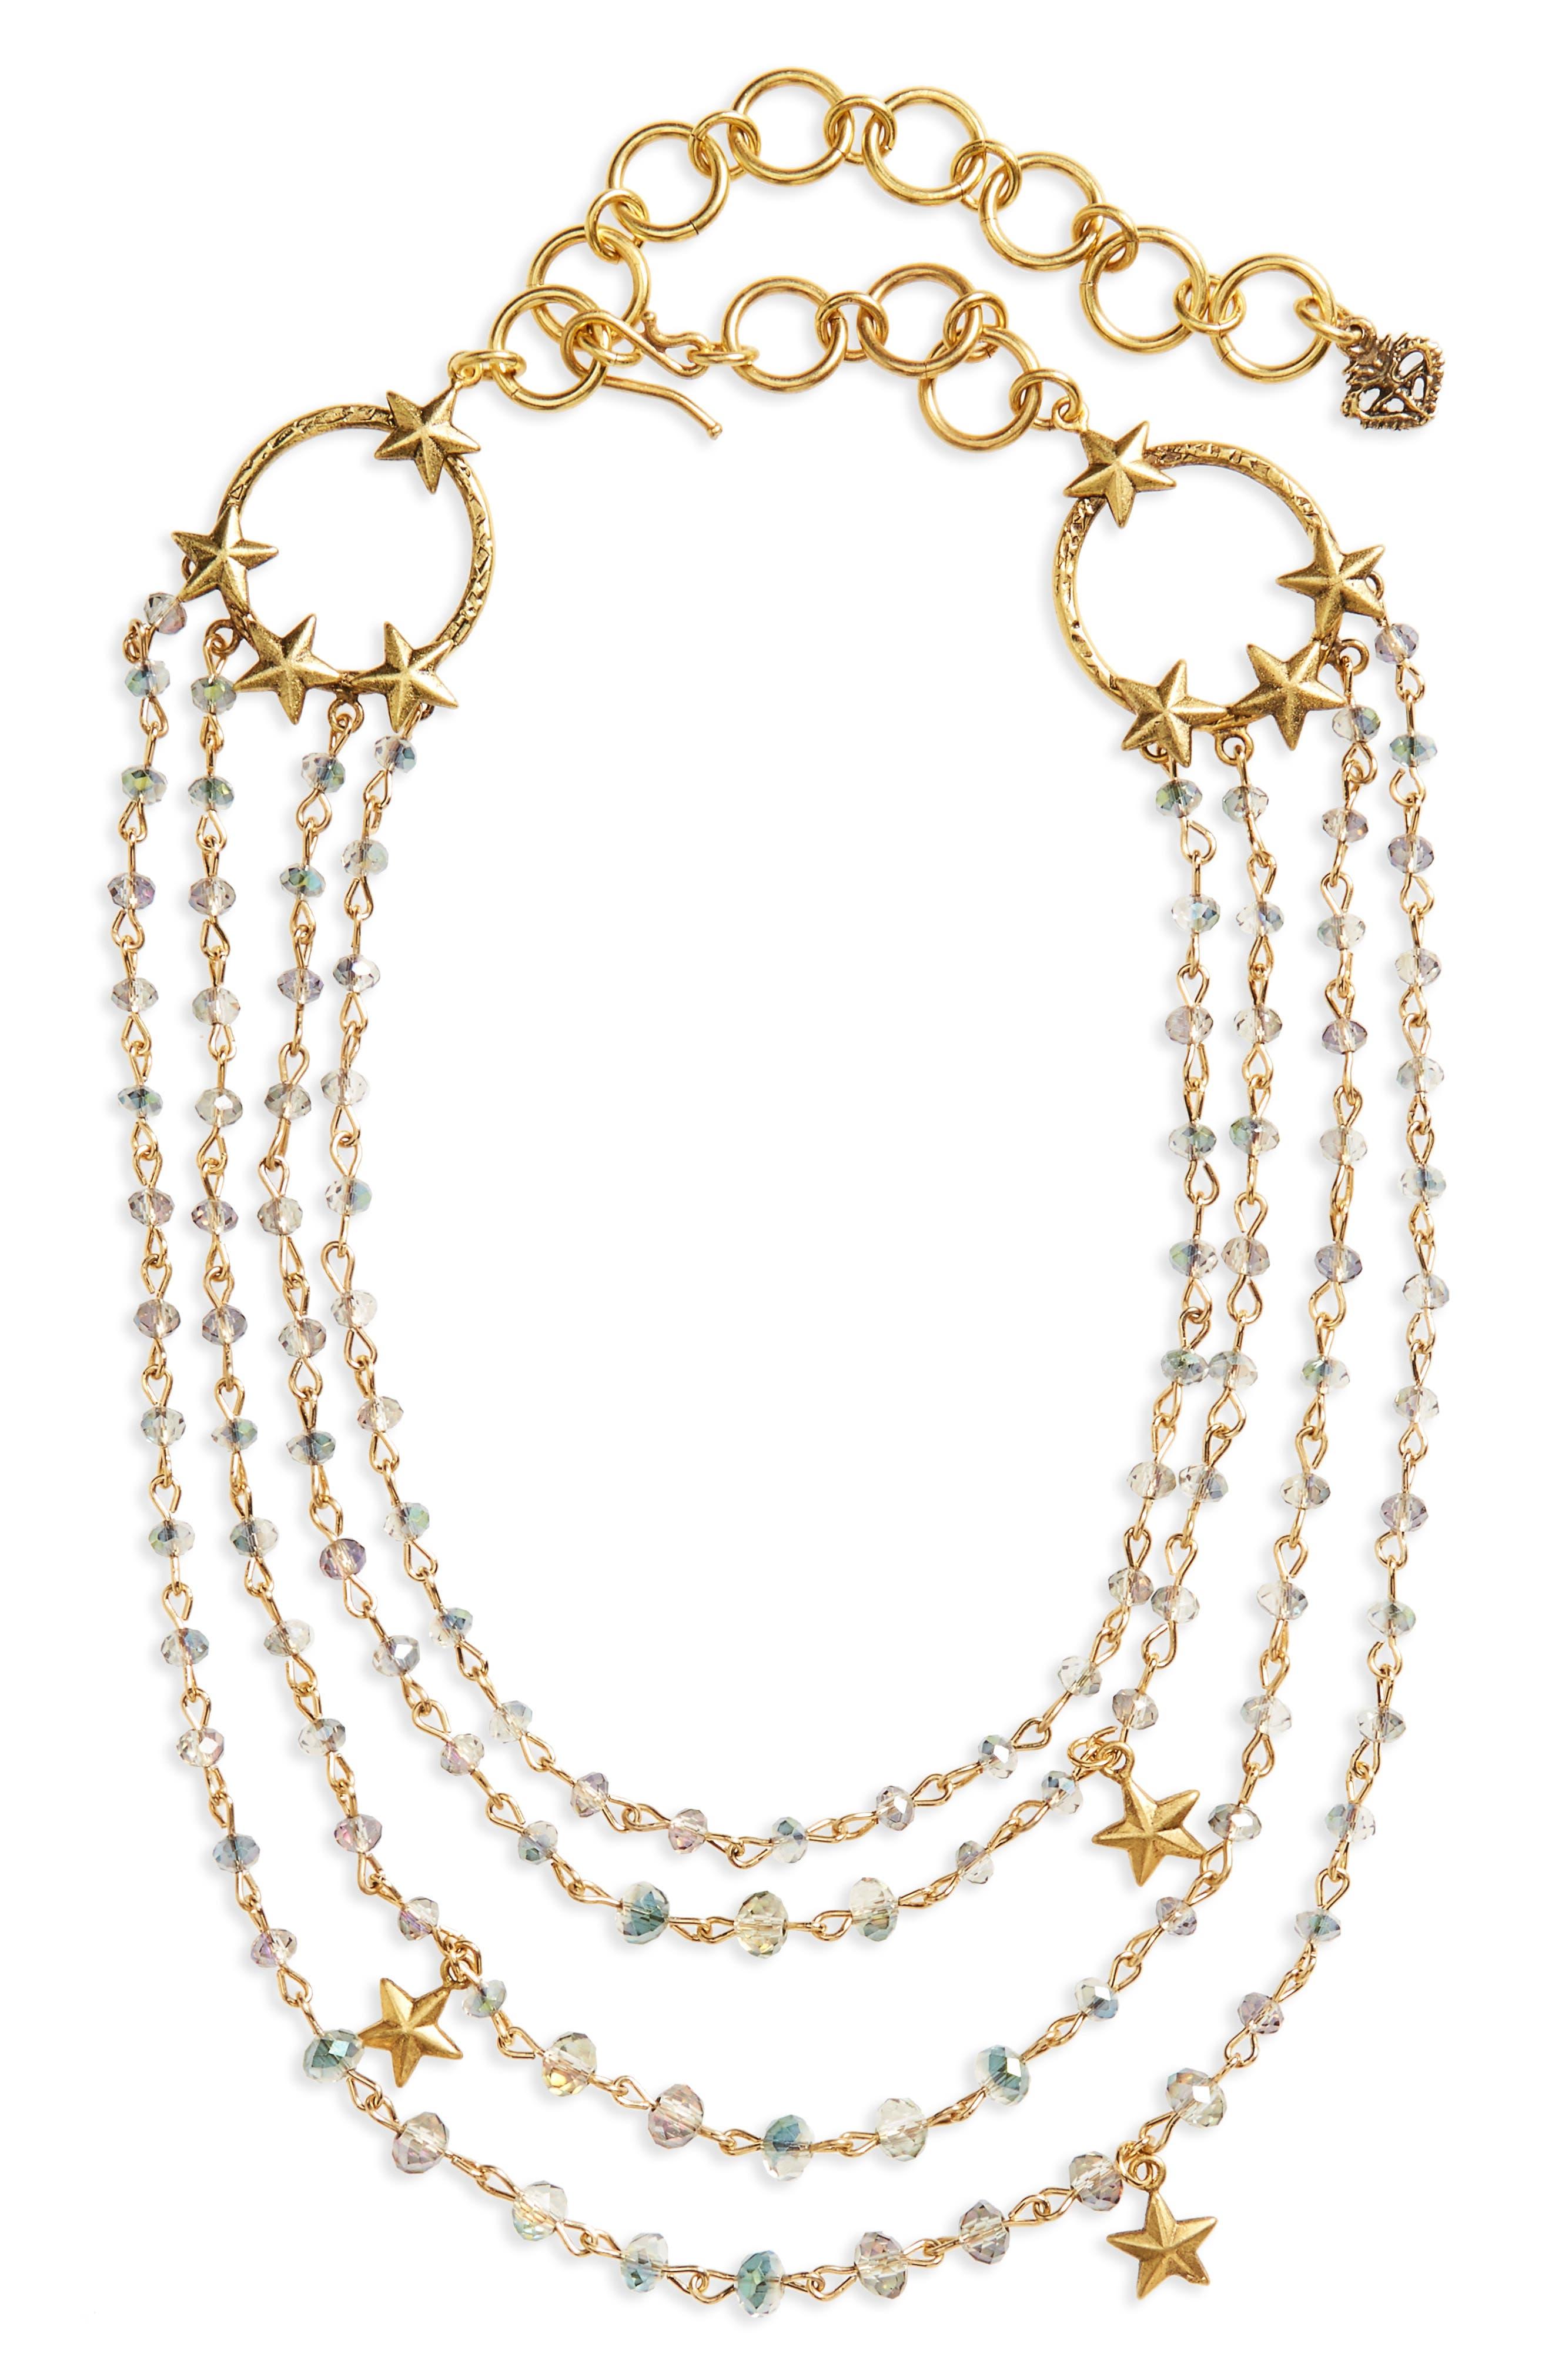 Coronation Crystal Magdalena Multistrand Necklace,                             Main thumbnail 1, color,                             GOLD/ BLUE LAGOON